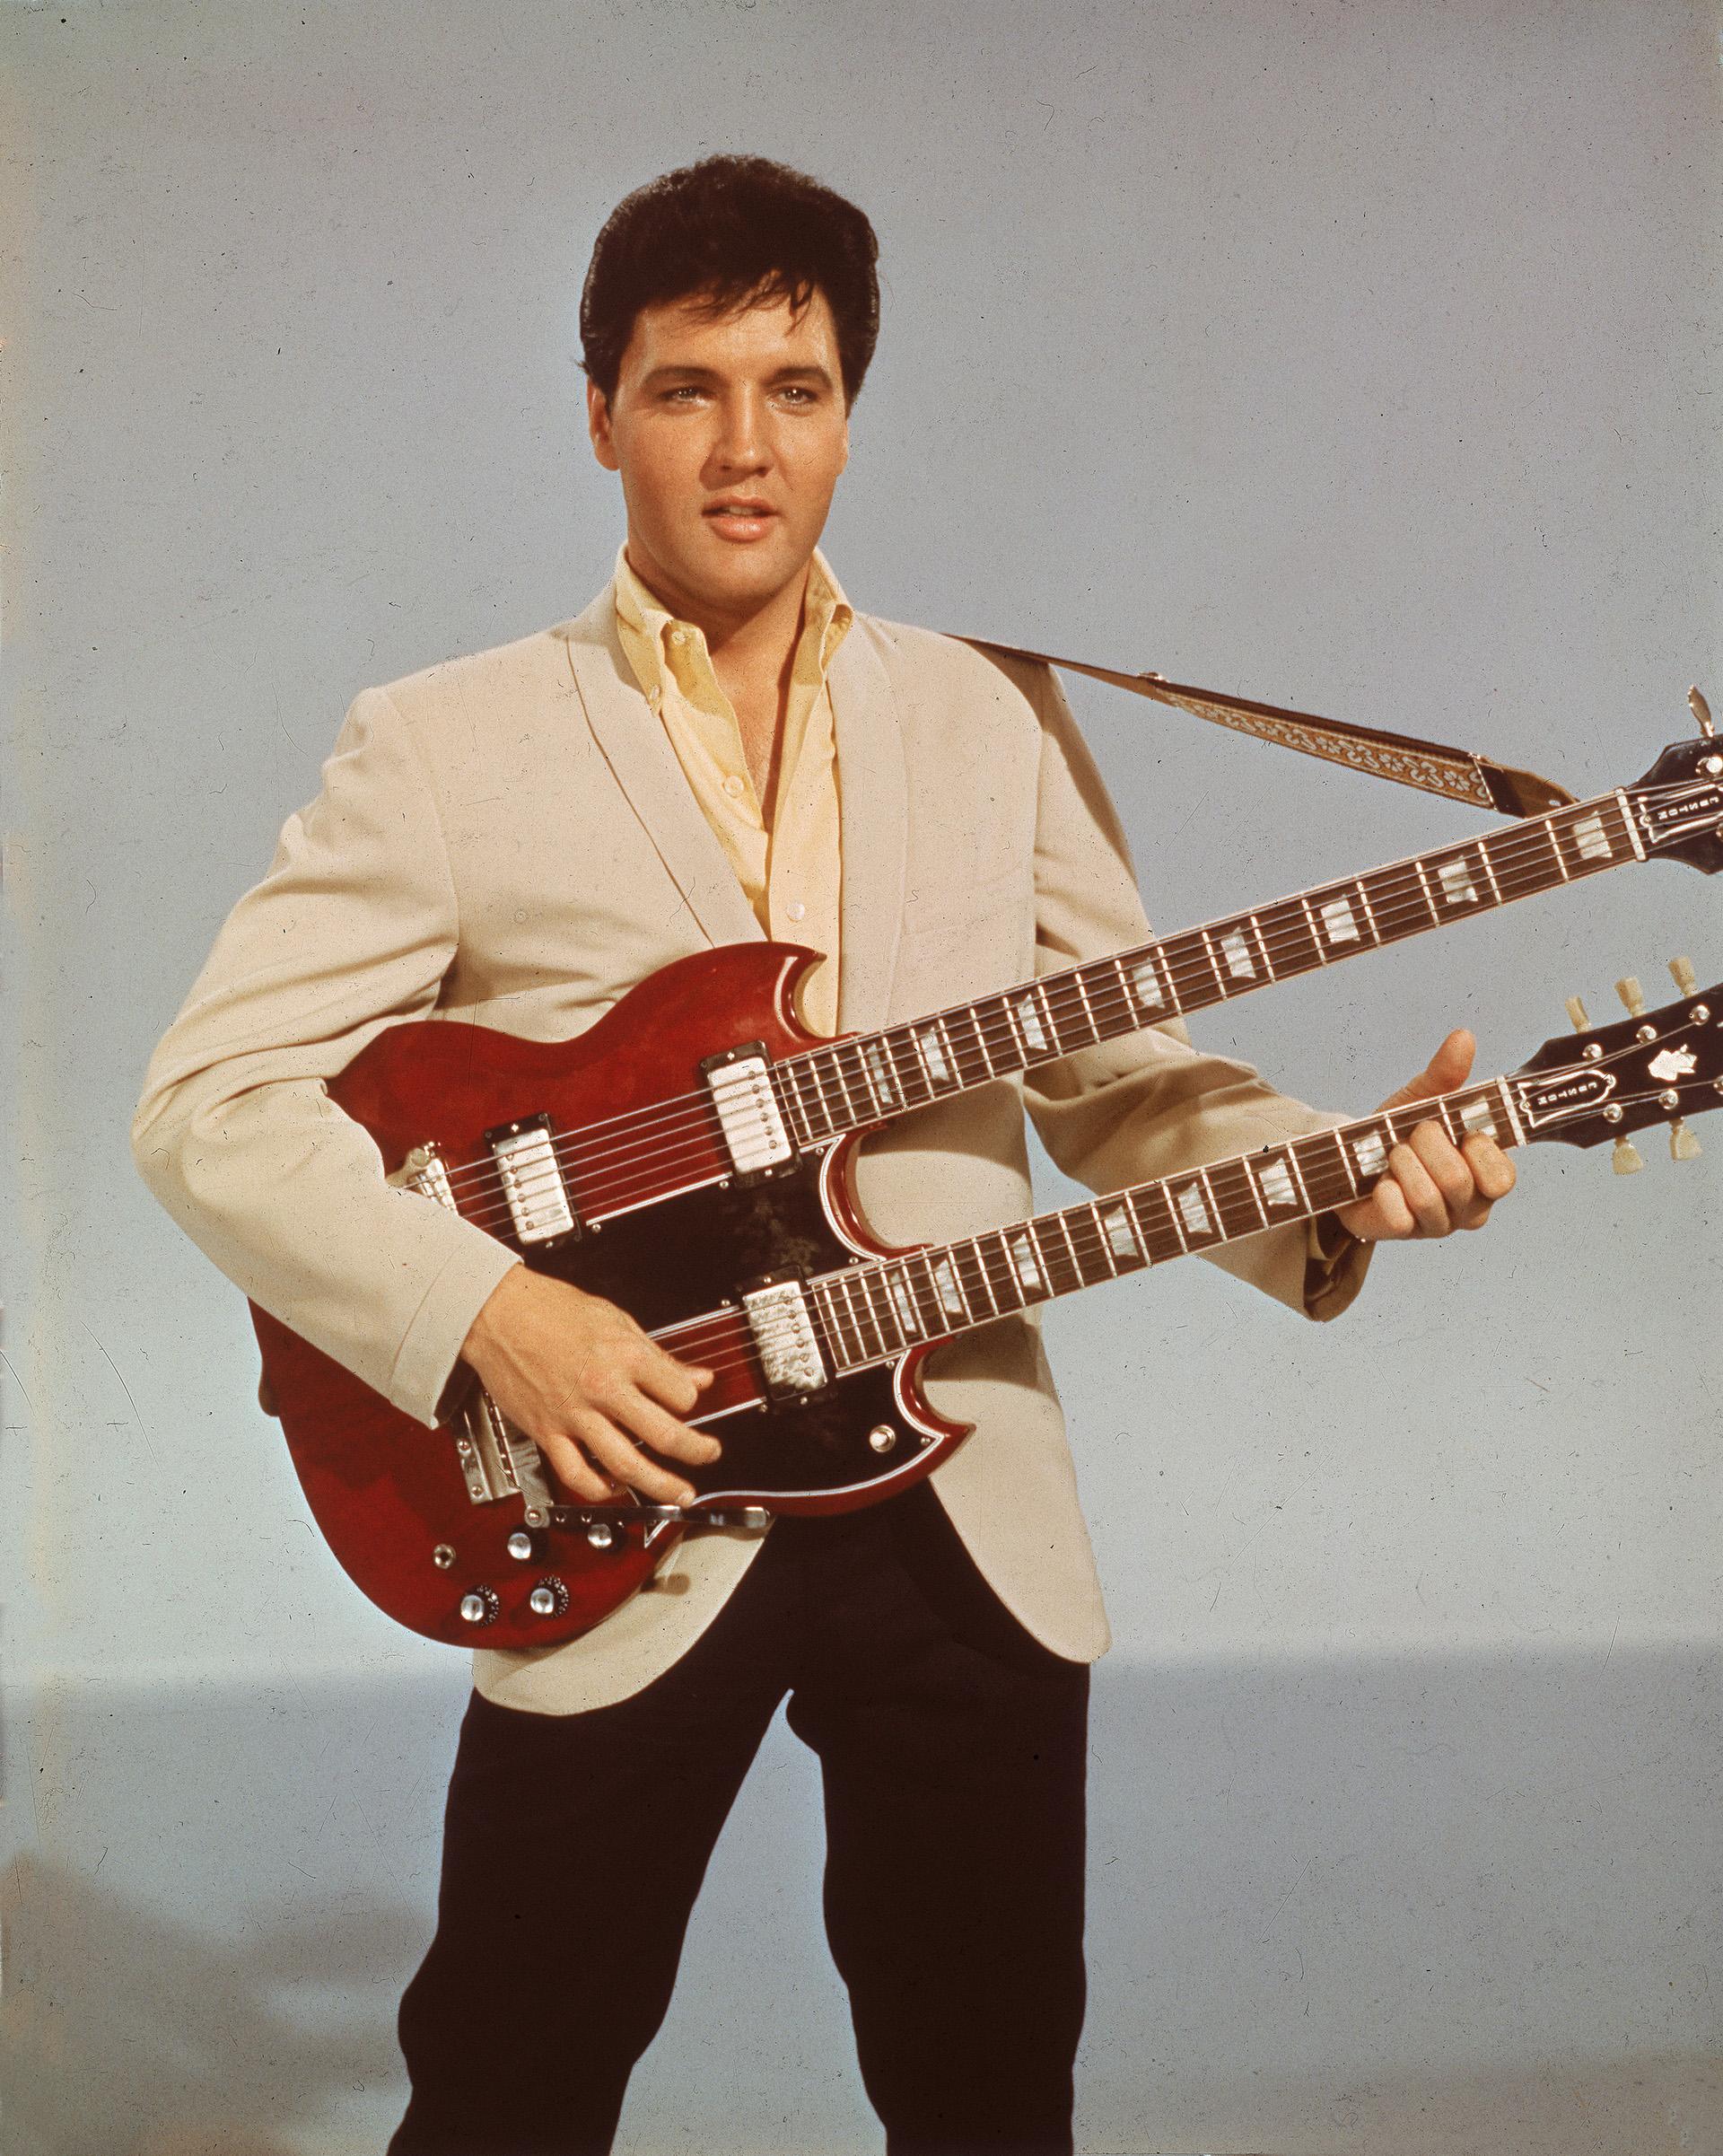 Com sua inovadora guitarra de doze cordas que o acompanhou em suas apresentações (Foto: Hulton Archive / Getty Images)